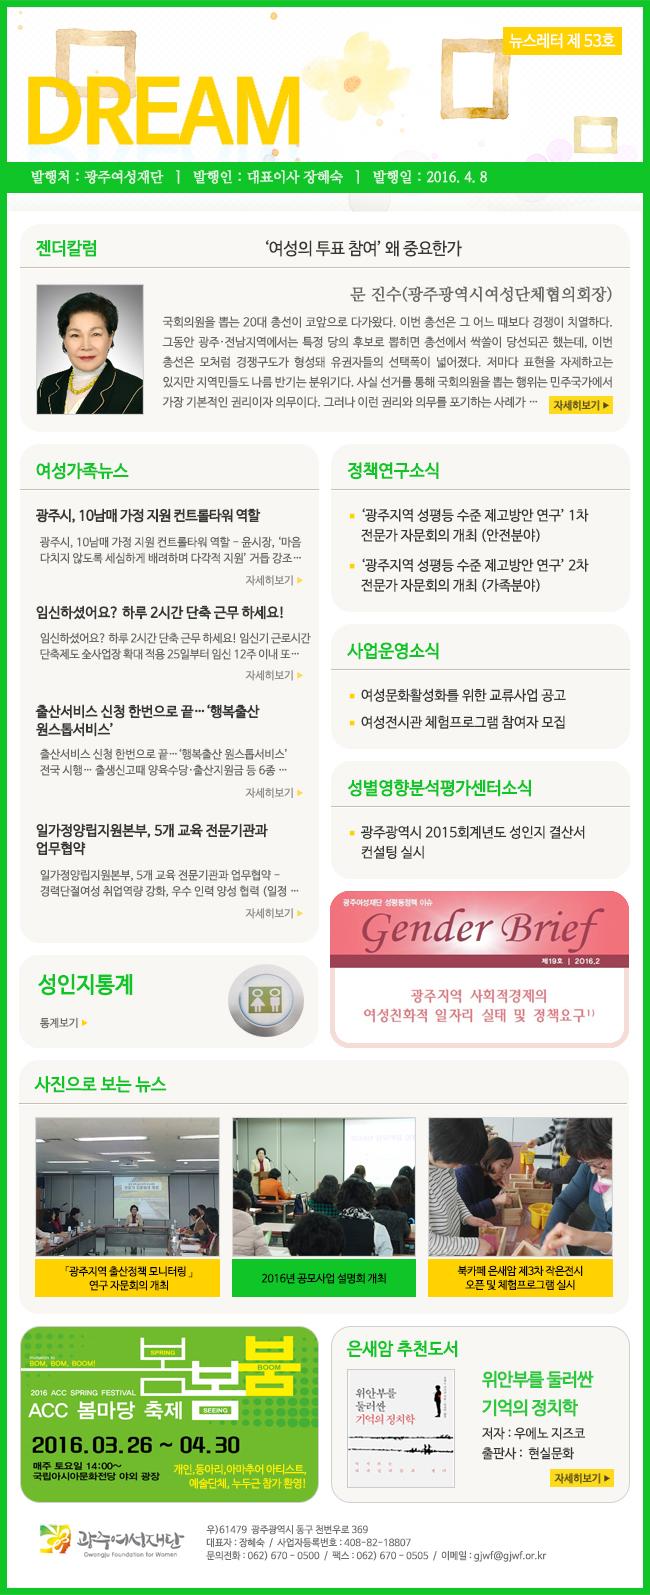 뉴스레터 드림 53호(16.4월) 썸네일